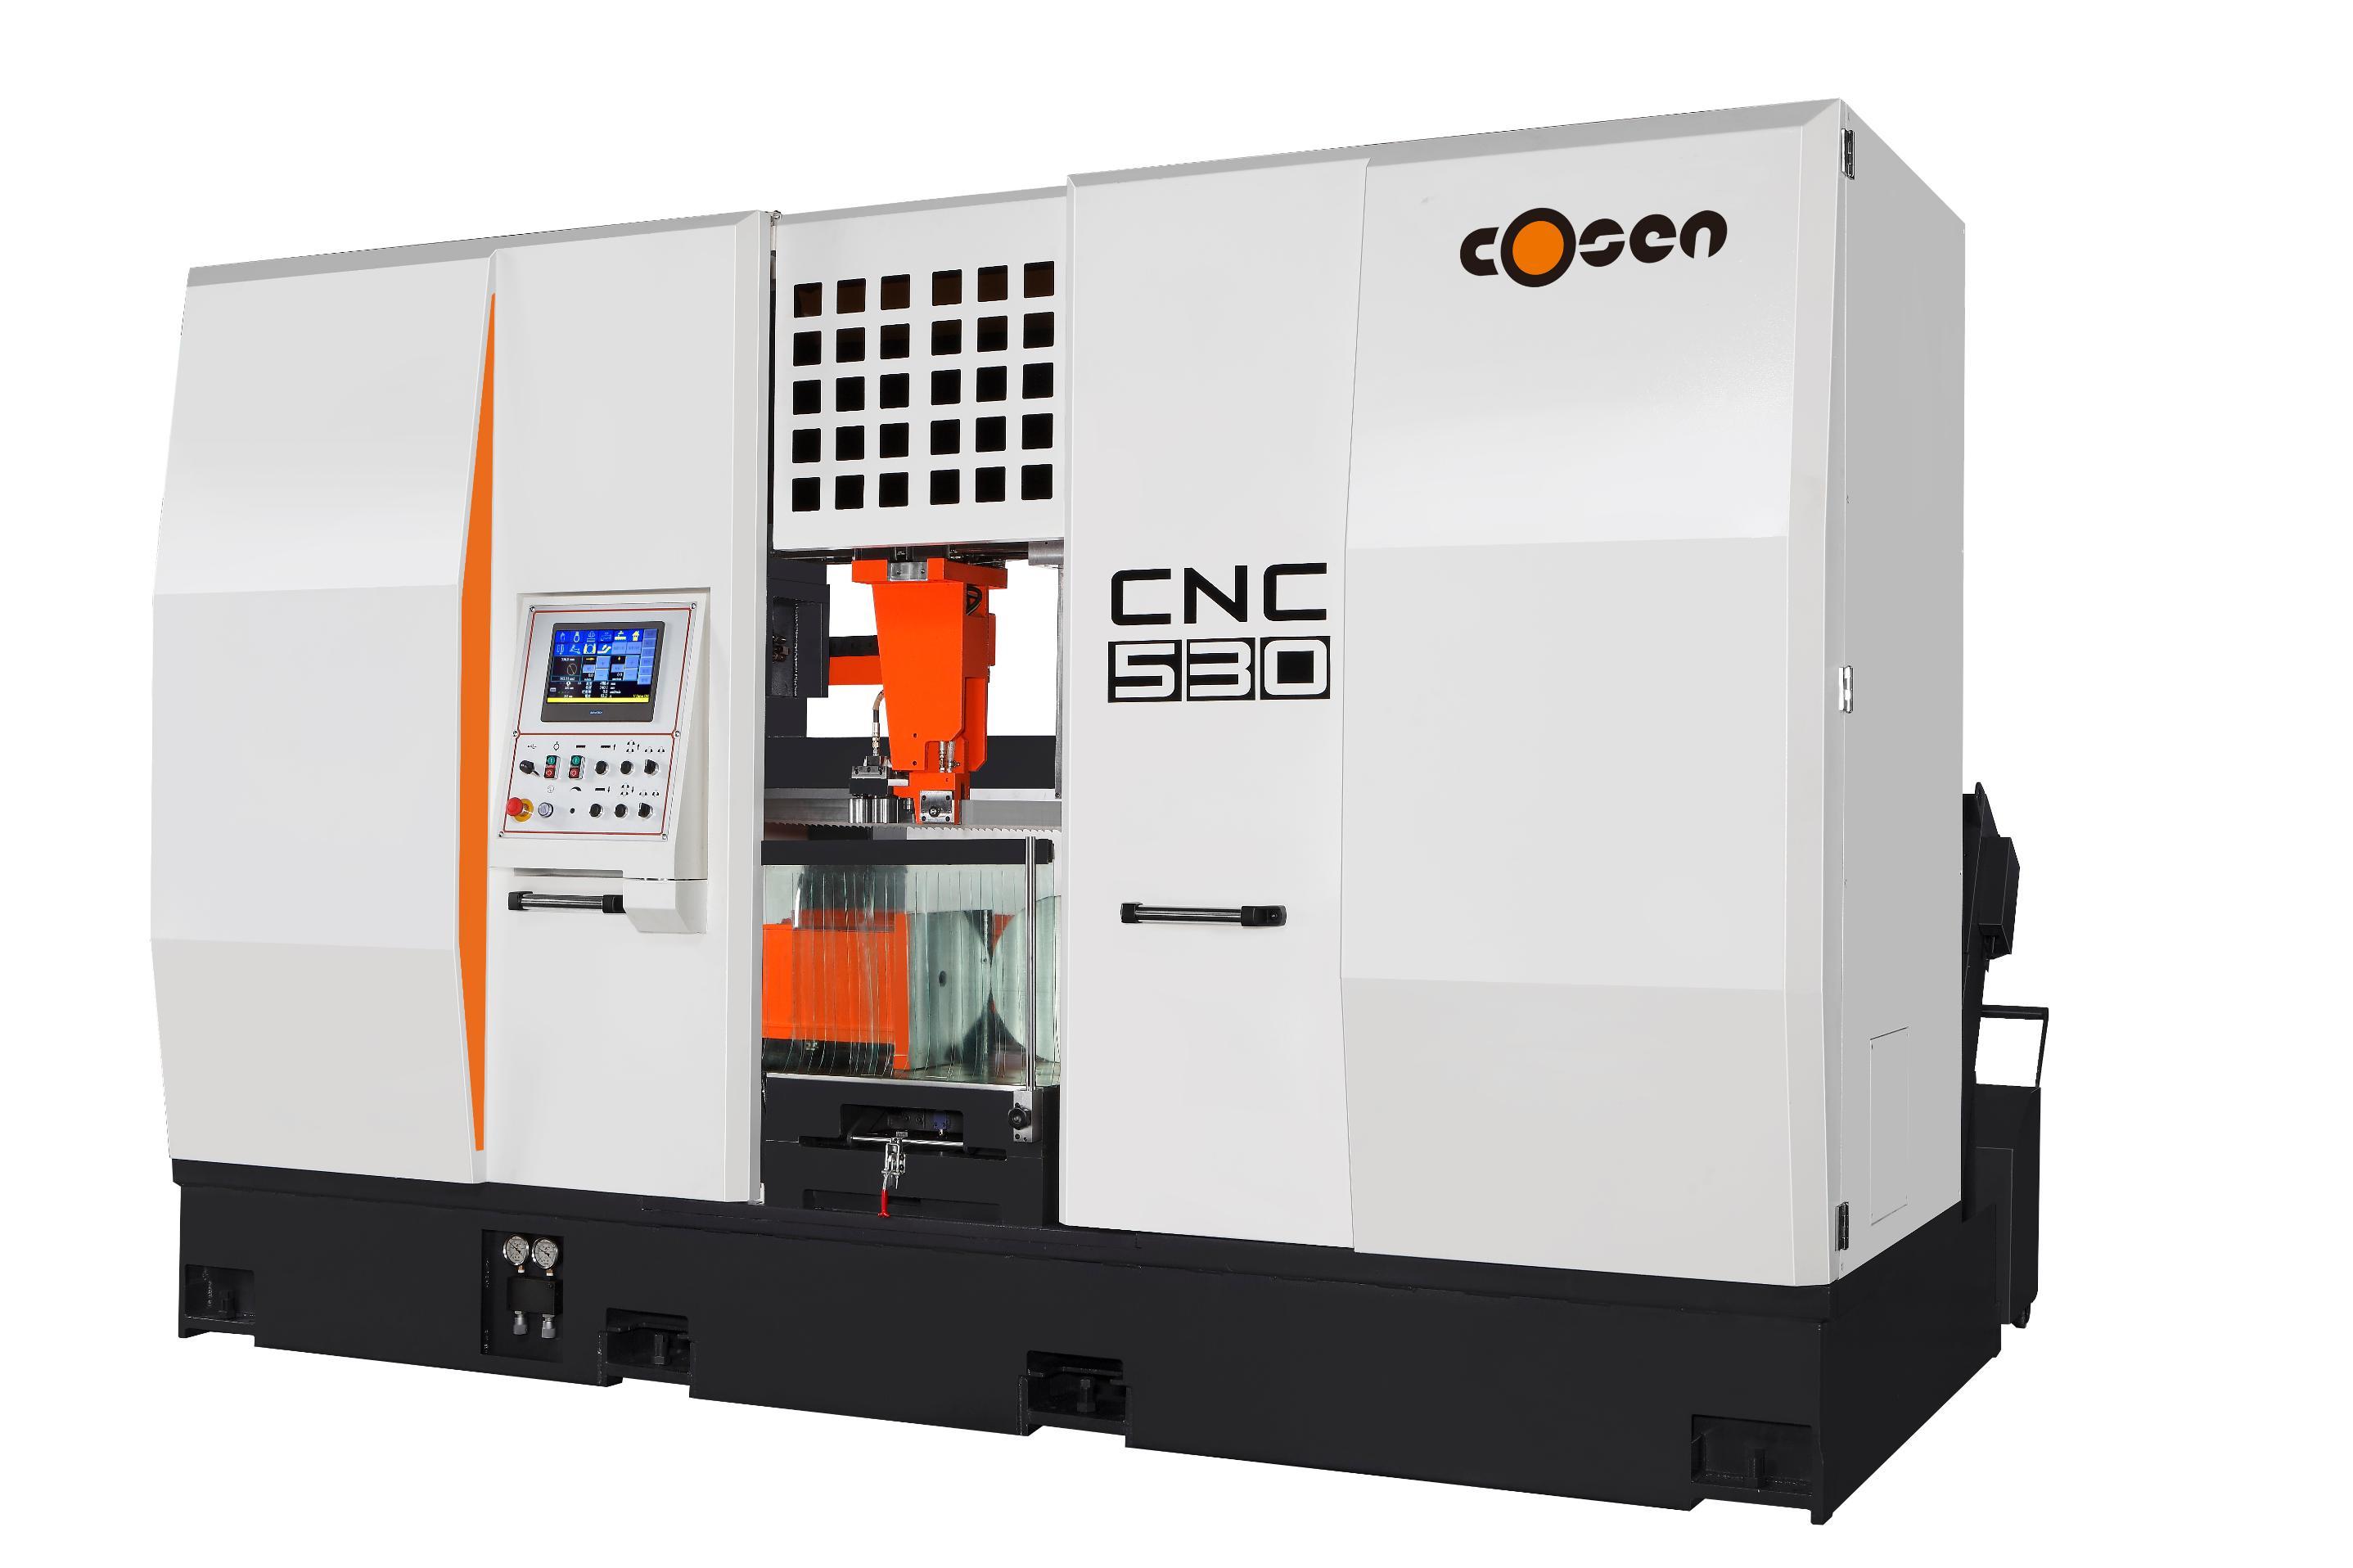 高效钨钢智控带锯床CNC-530